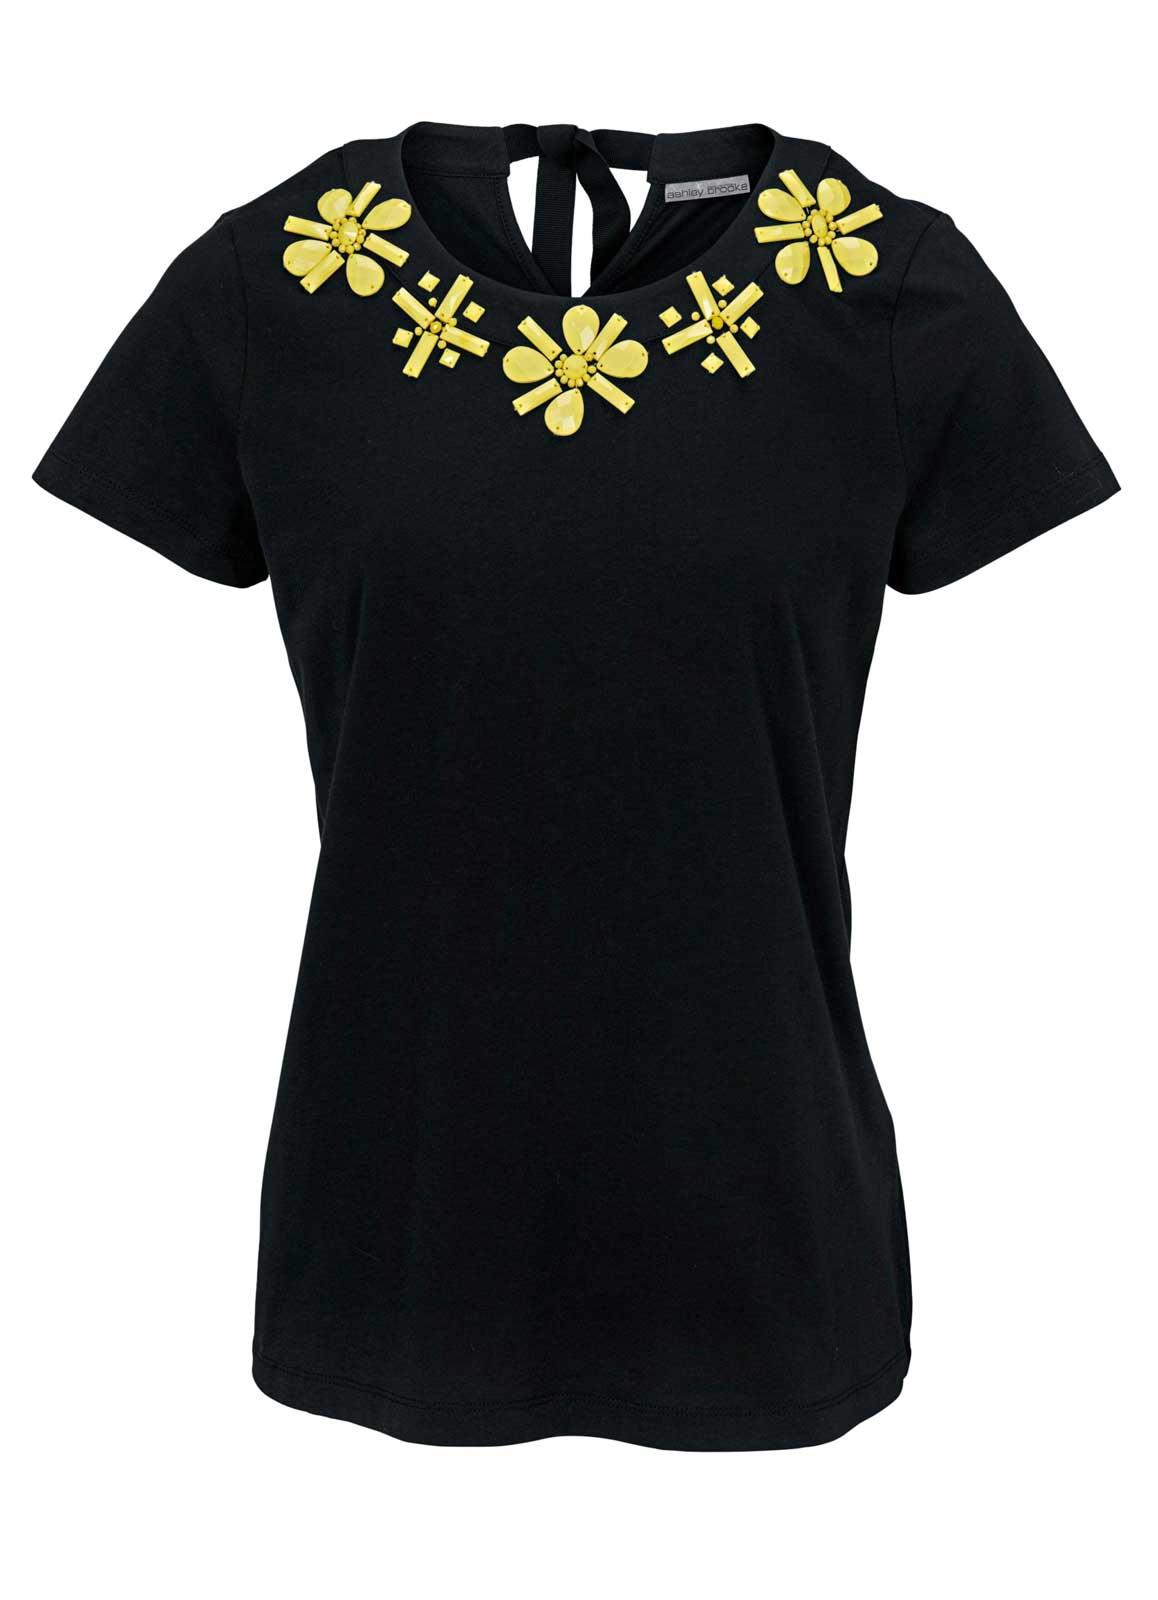 690.820 ASHLEY BROOKE Damen Designer-Shirt Schwarz-Gelb